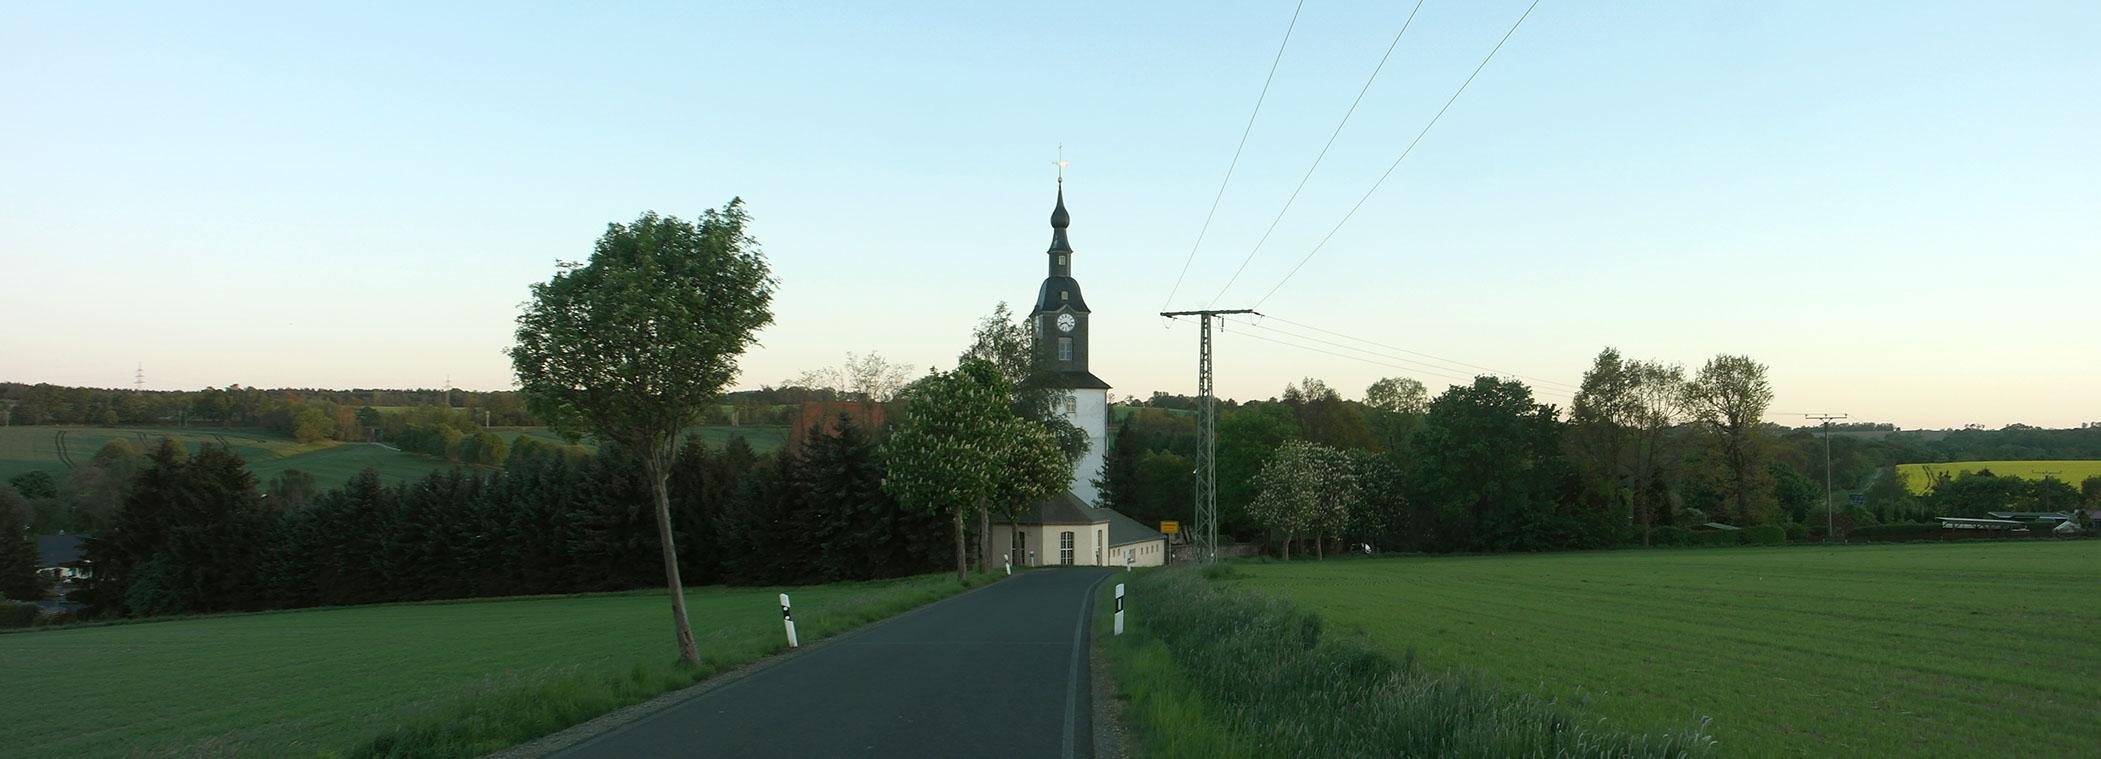 Glockenpfad